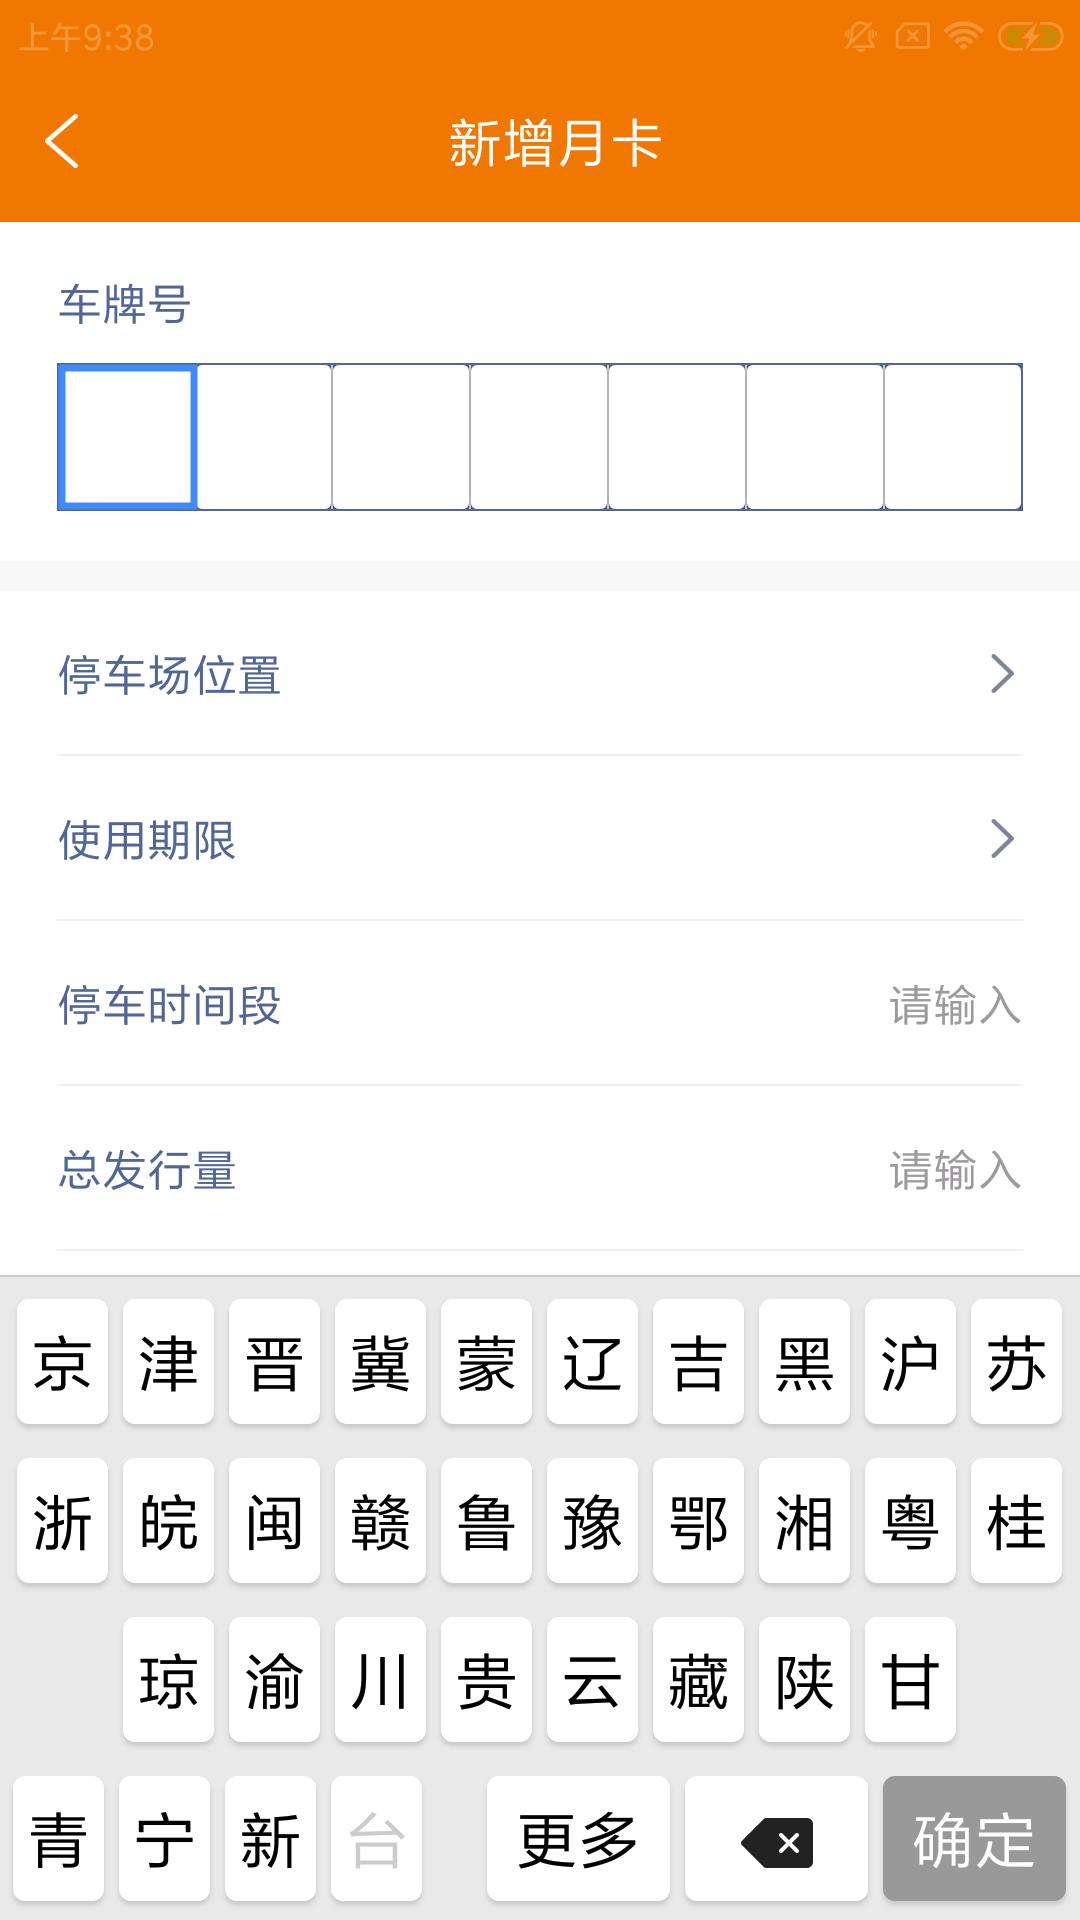 乐宇捷场管 V1.0.0 安卓版截图2